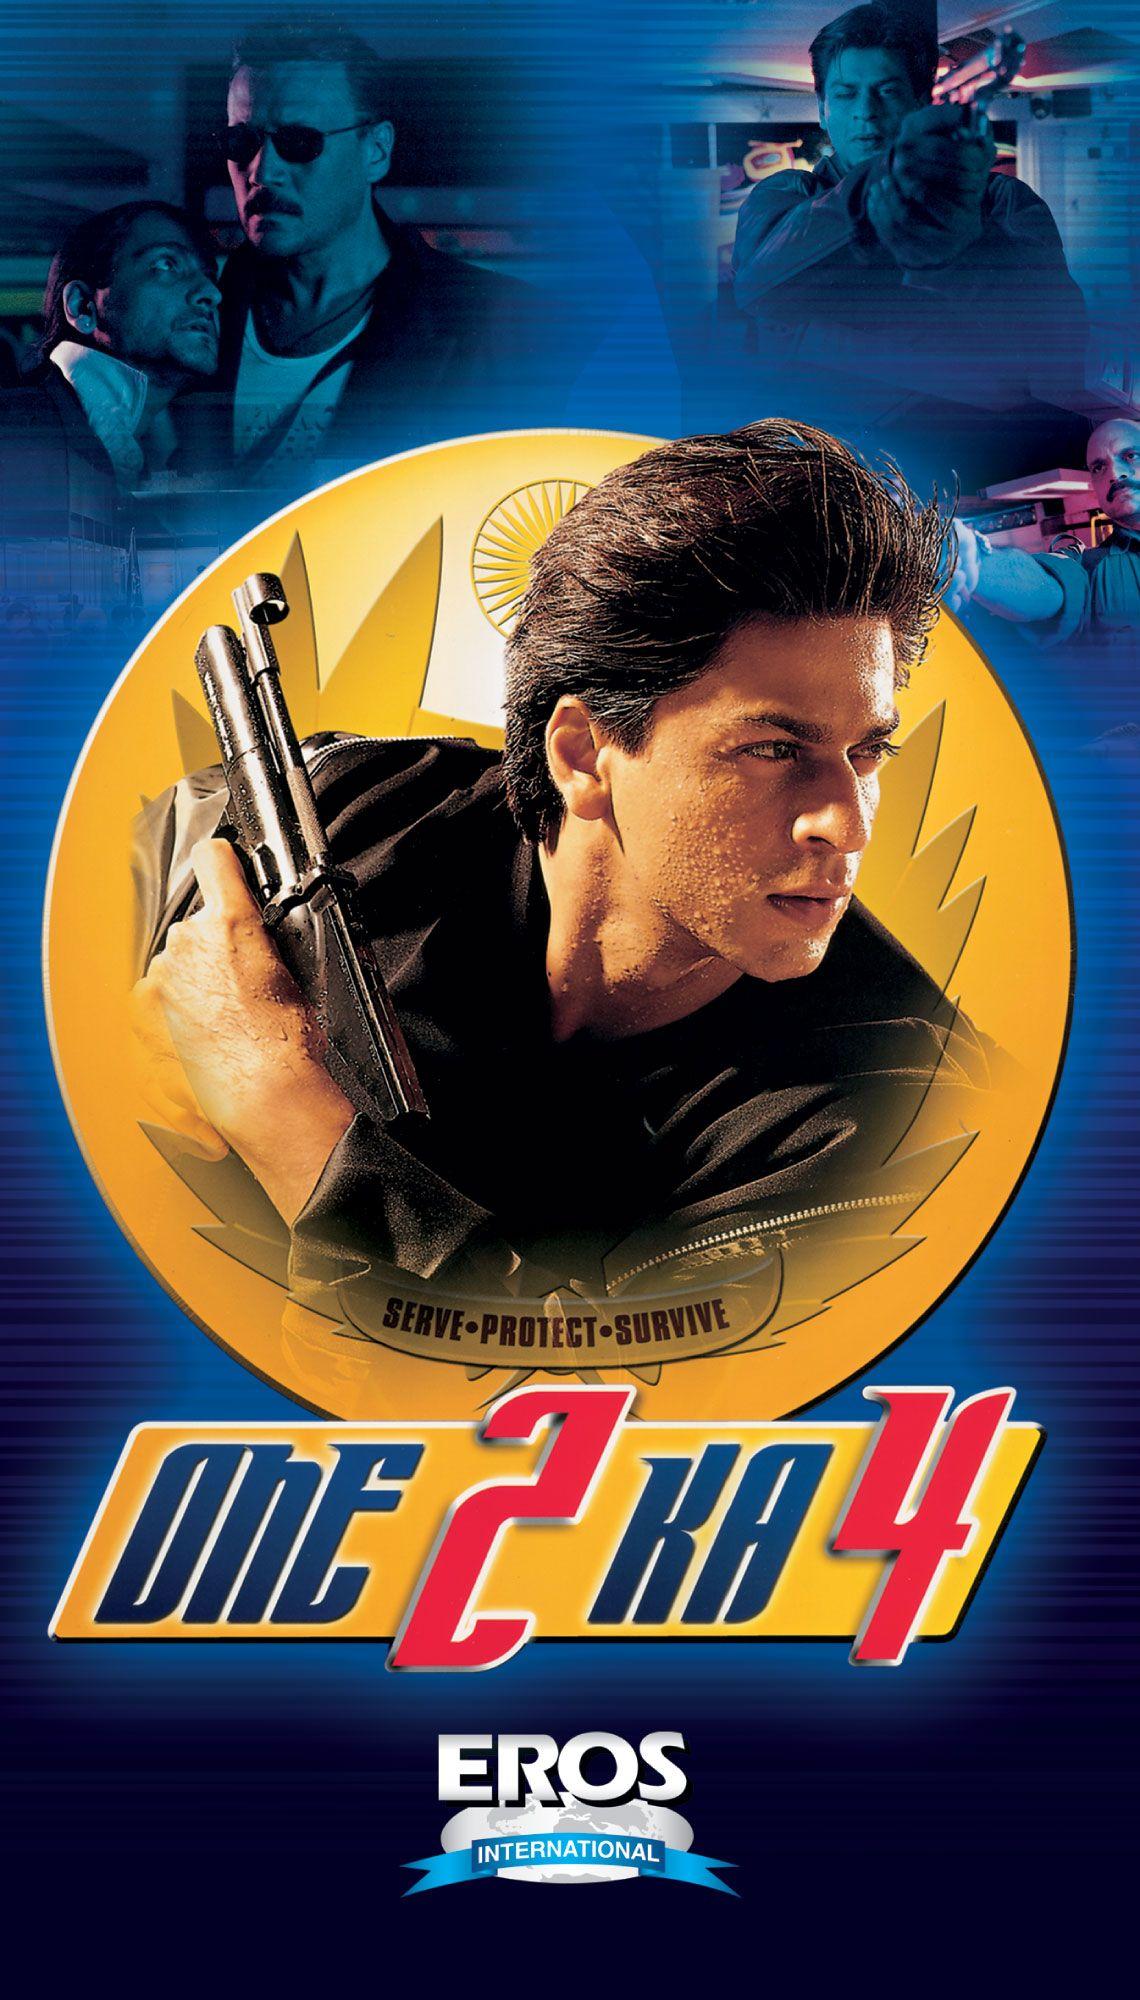 One 2 Ka 4 (2001) | Hindi movies, Bollywood posters, Best bollywood movies